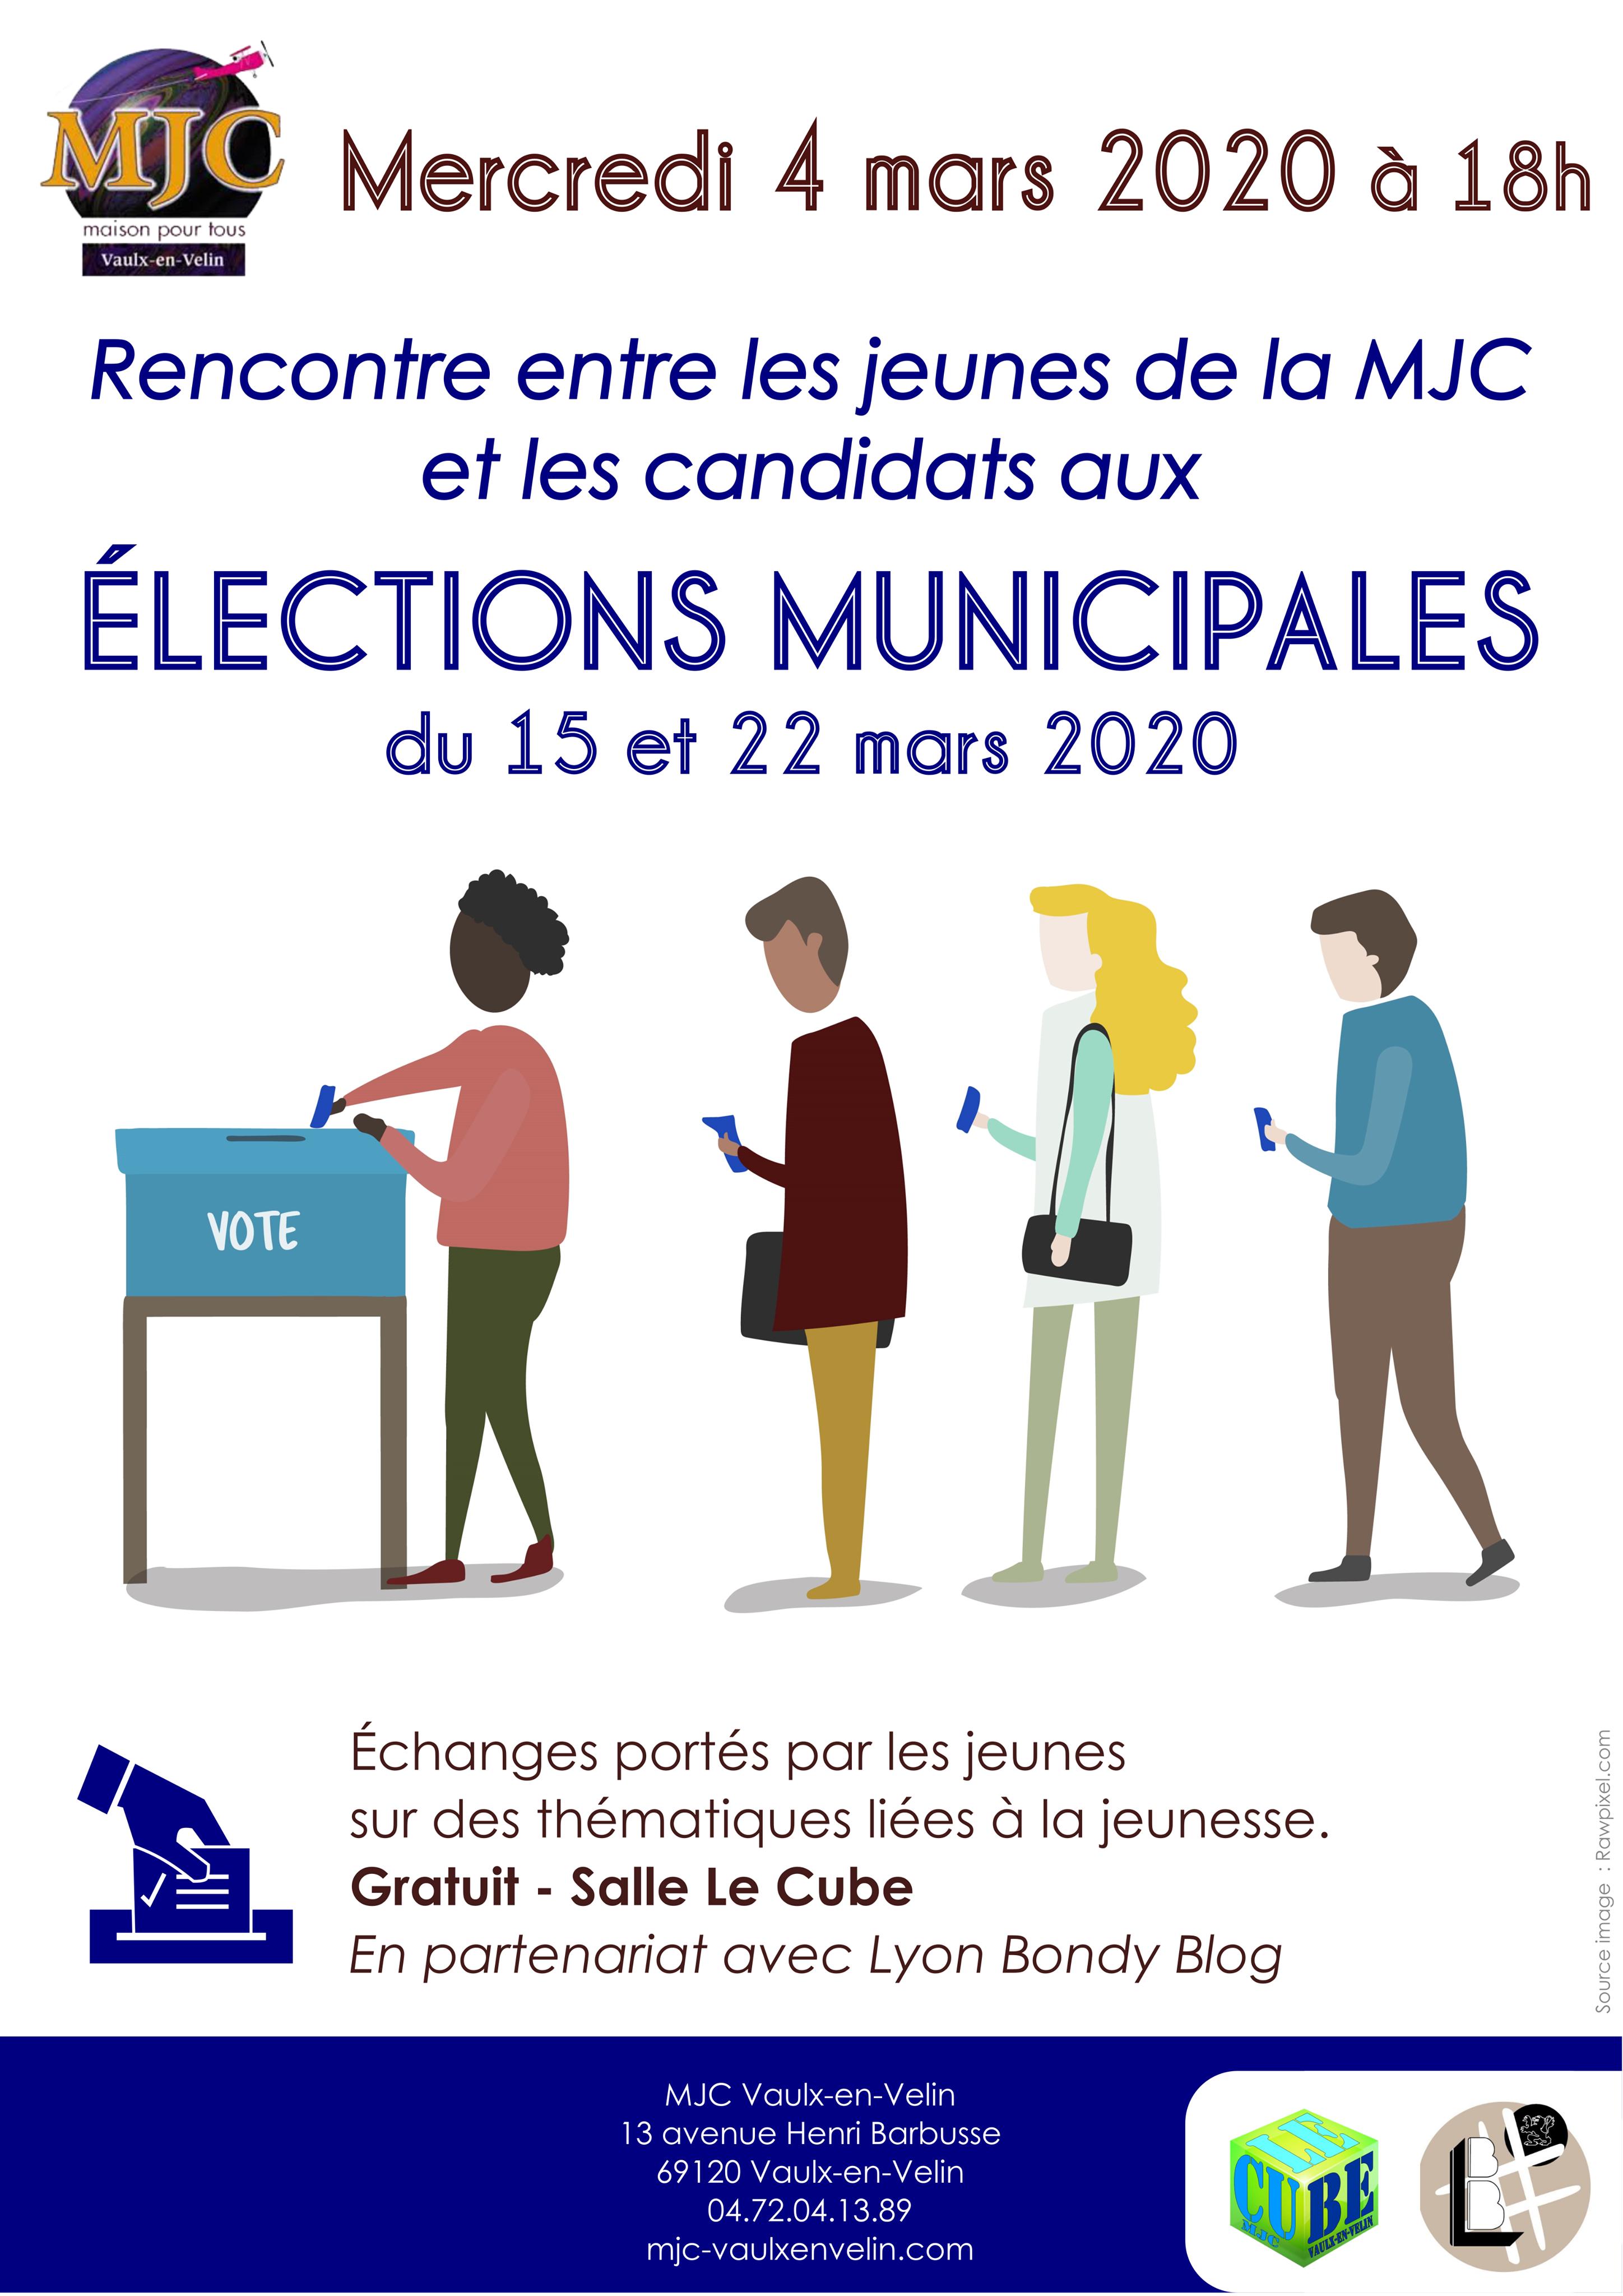 Donner la parole aux jeunesde Vaulx-en-Velin pour les élections municipales